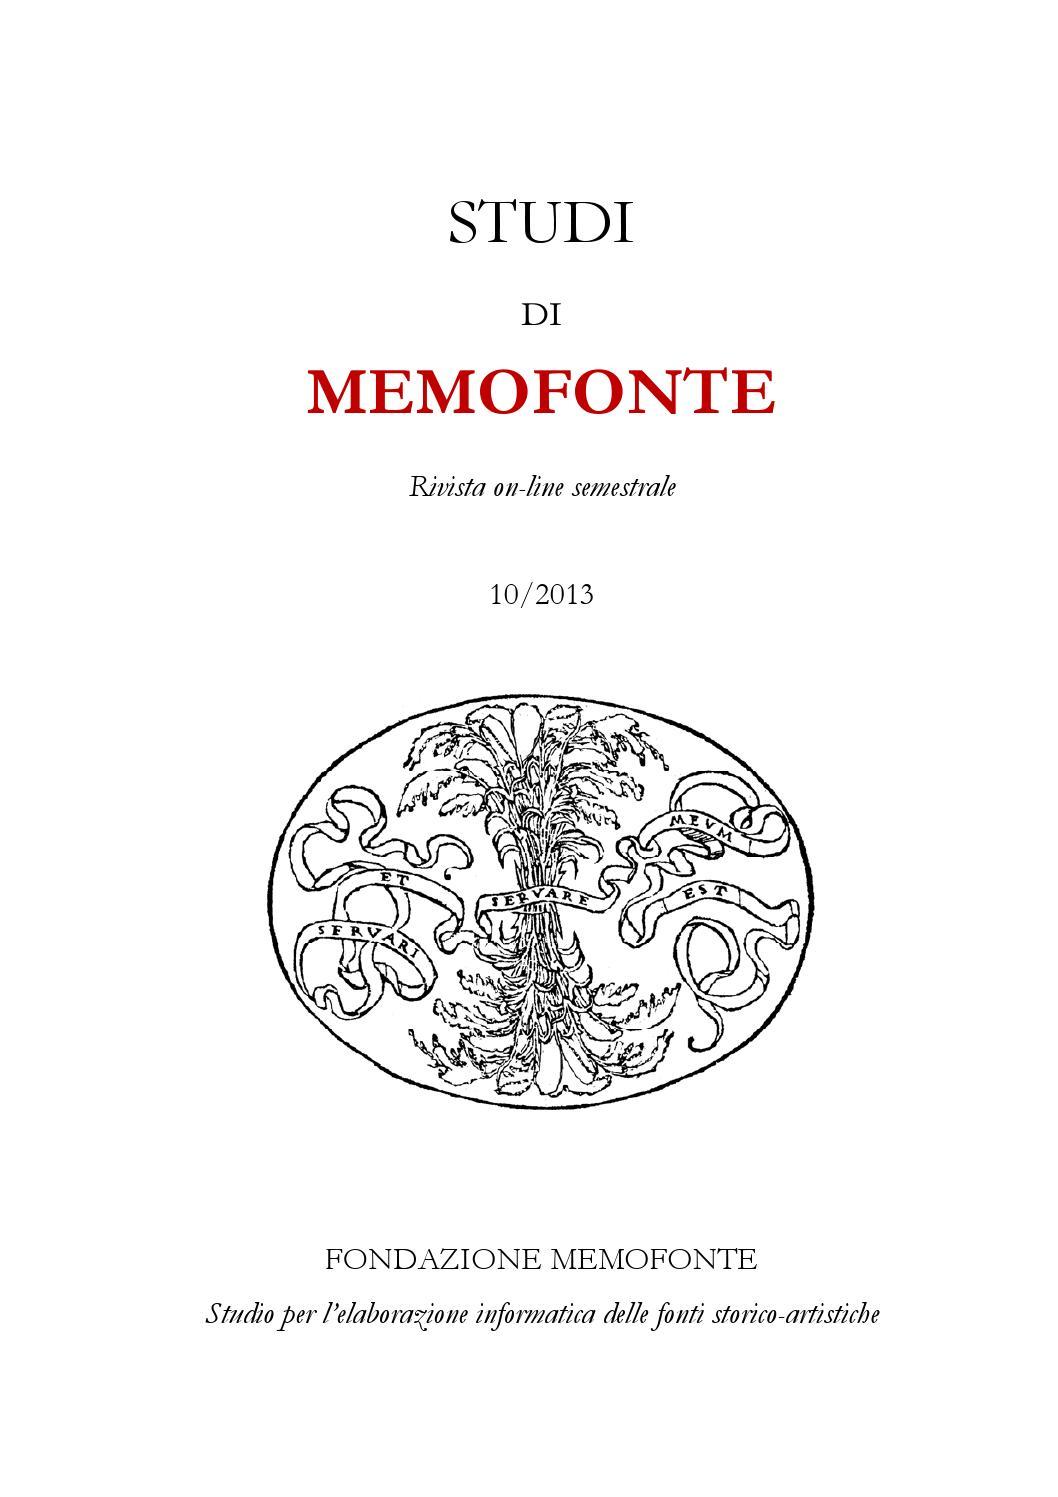 Di 2013 By Fondazione Memofonte Studi X Issuu Onlus pTxwq7dEv